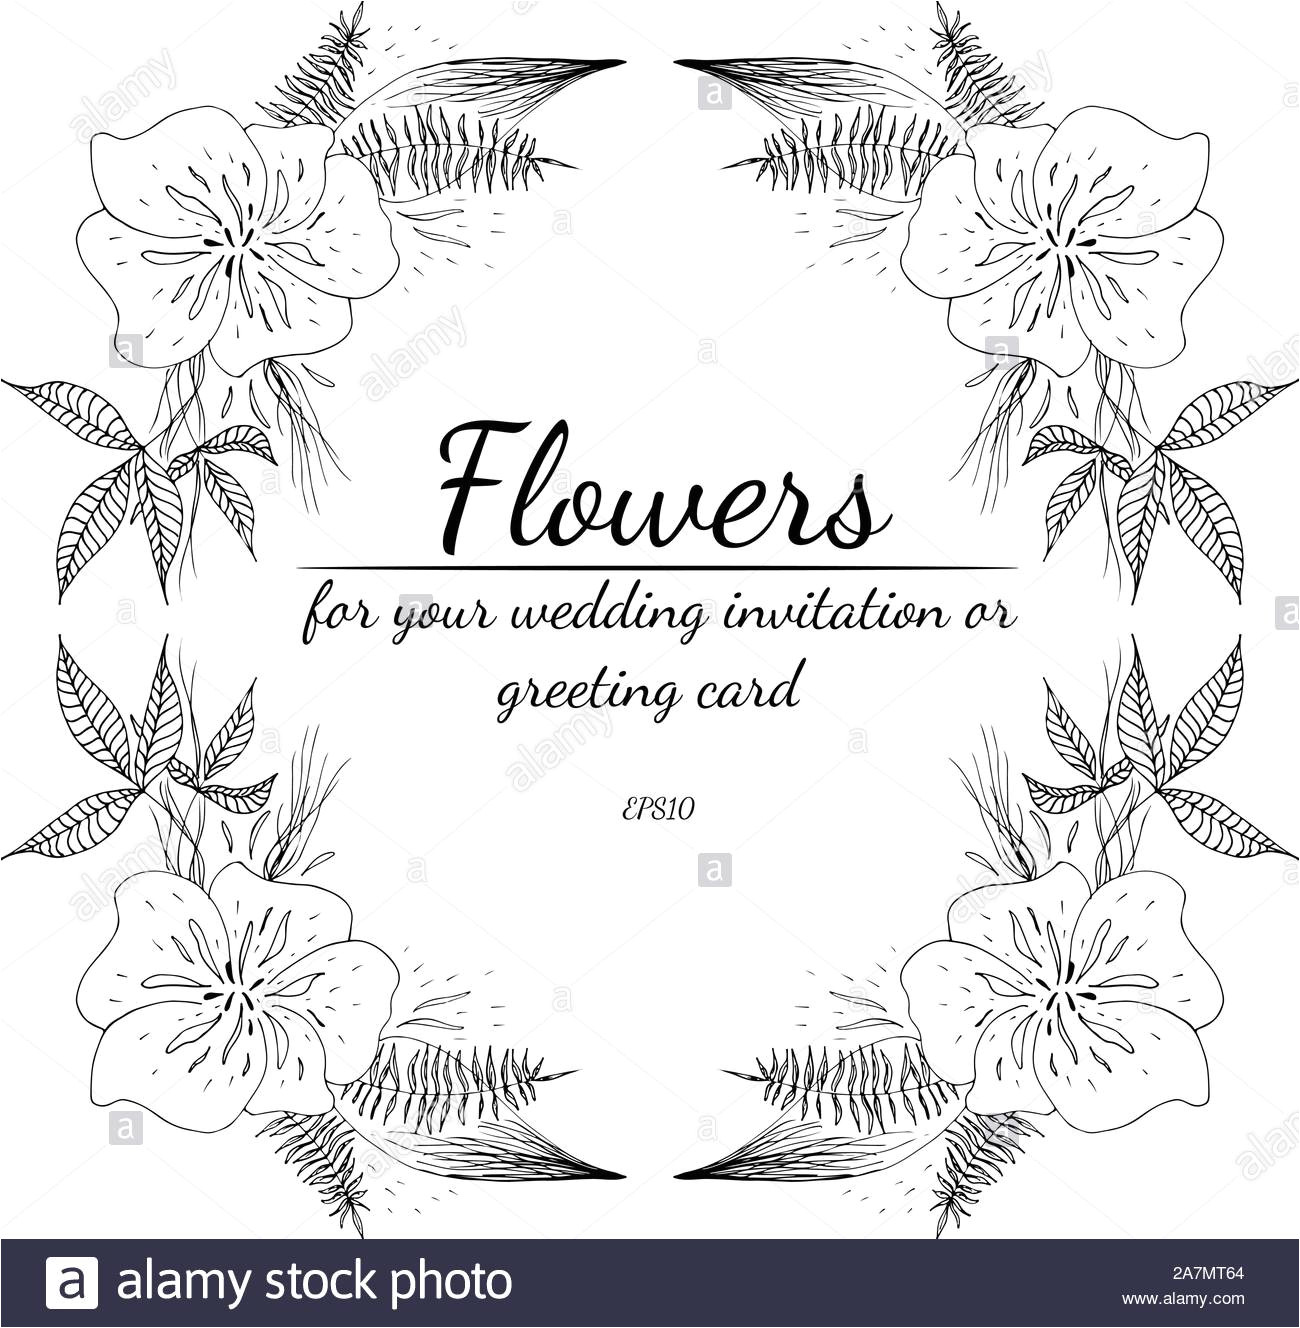 tropische frame hand gezeichnet dschungel laub abbildung florale hand zeichnen vektor isoliert naturliche quelle hochzeit karte sommer tropische le 2a7mt64 jpg